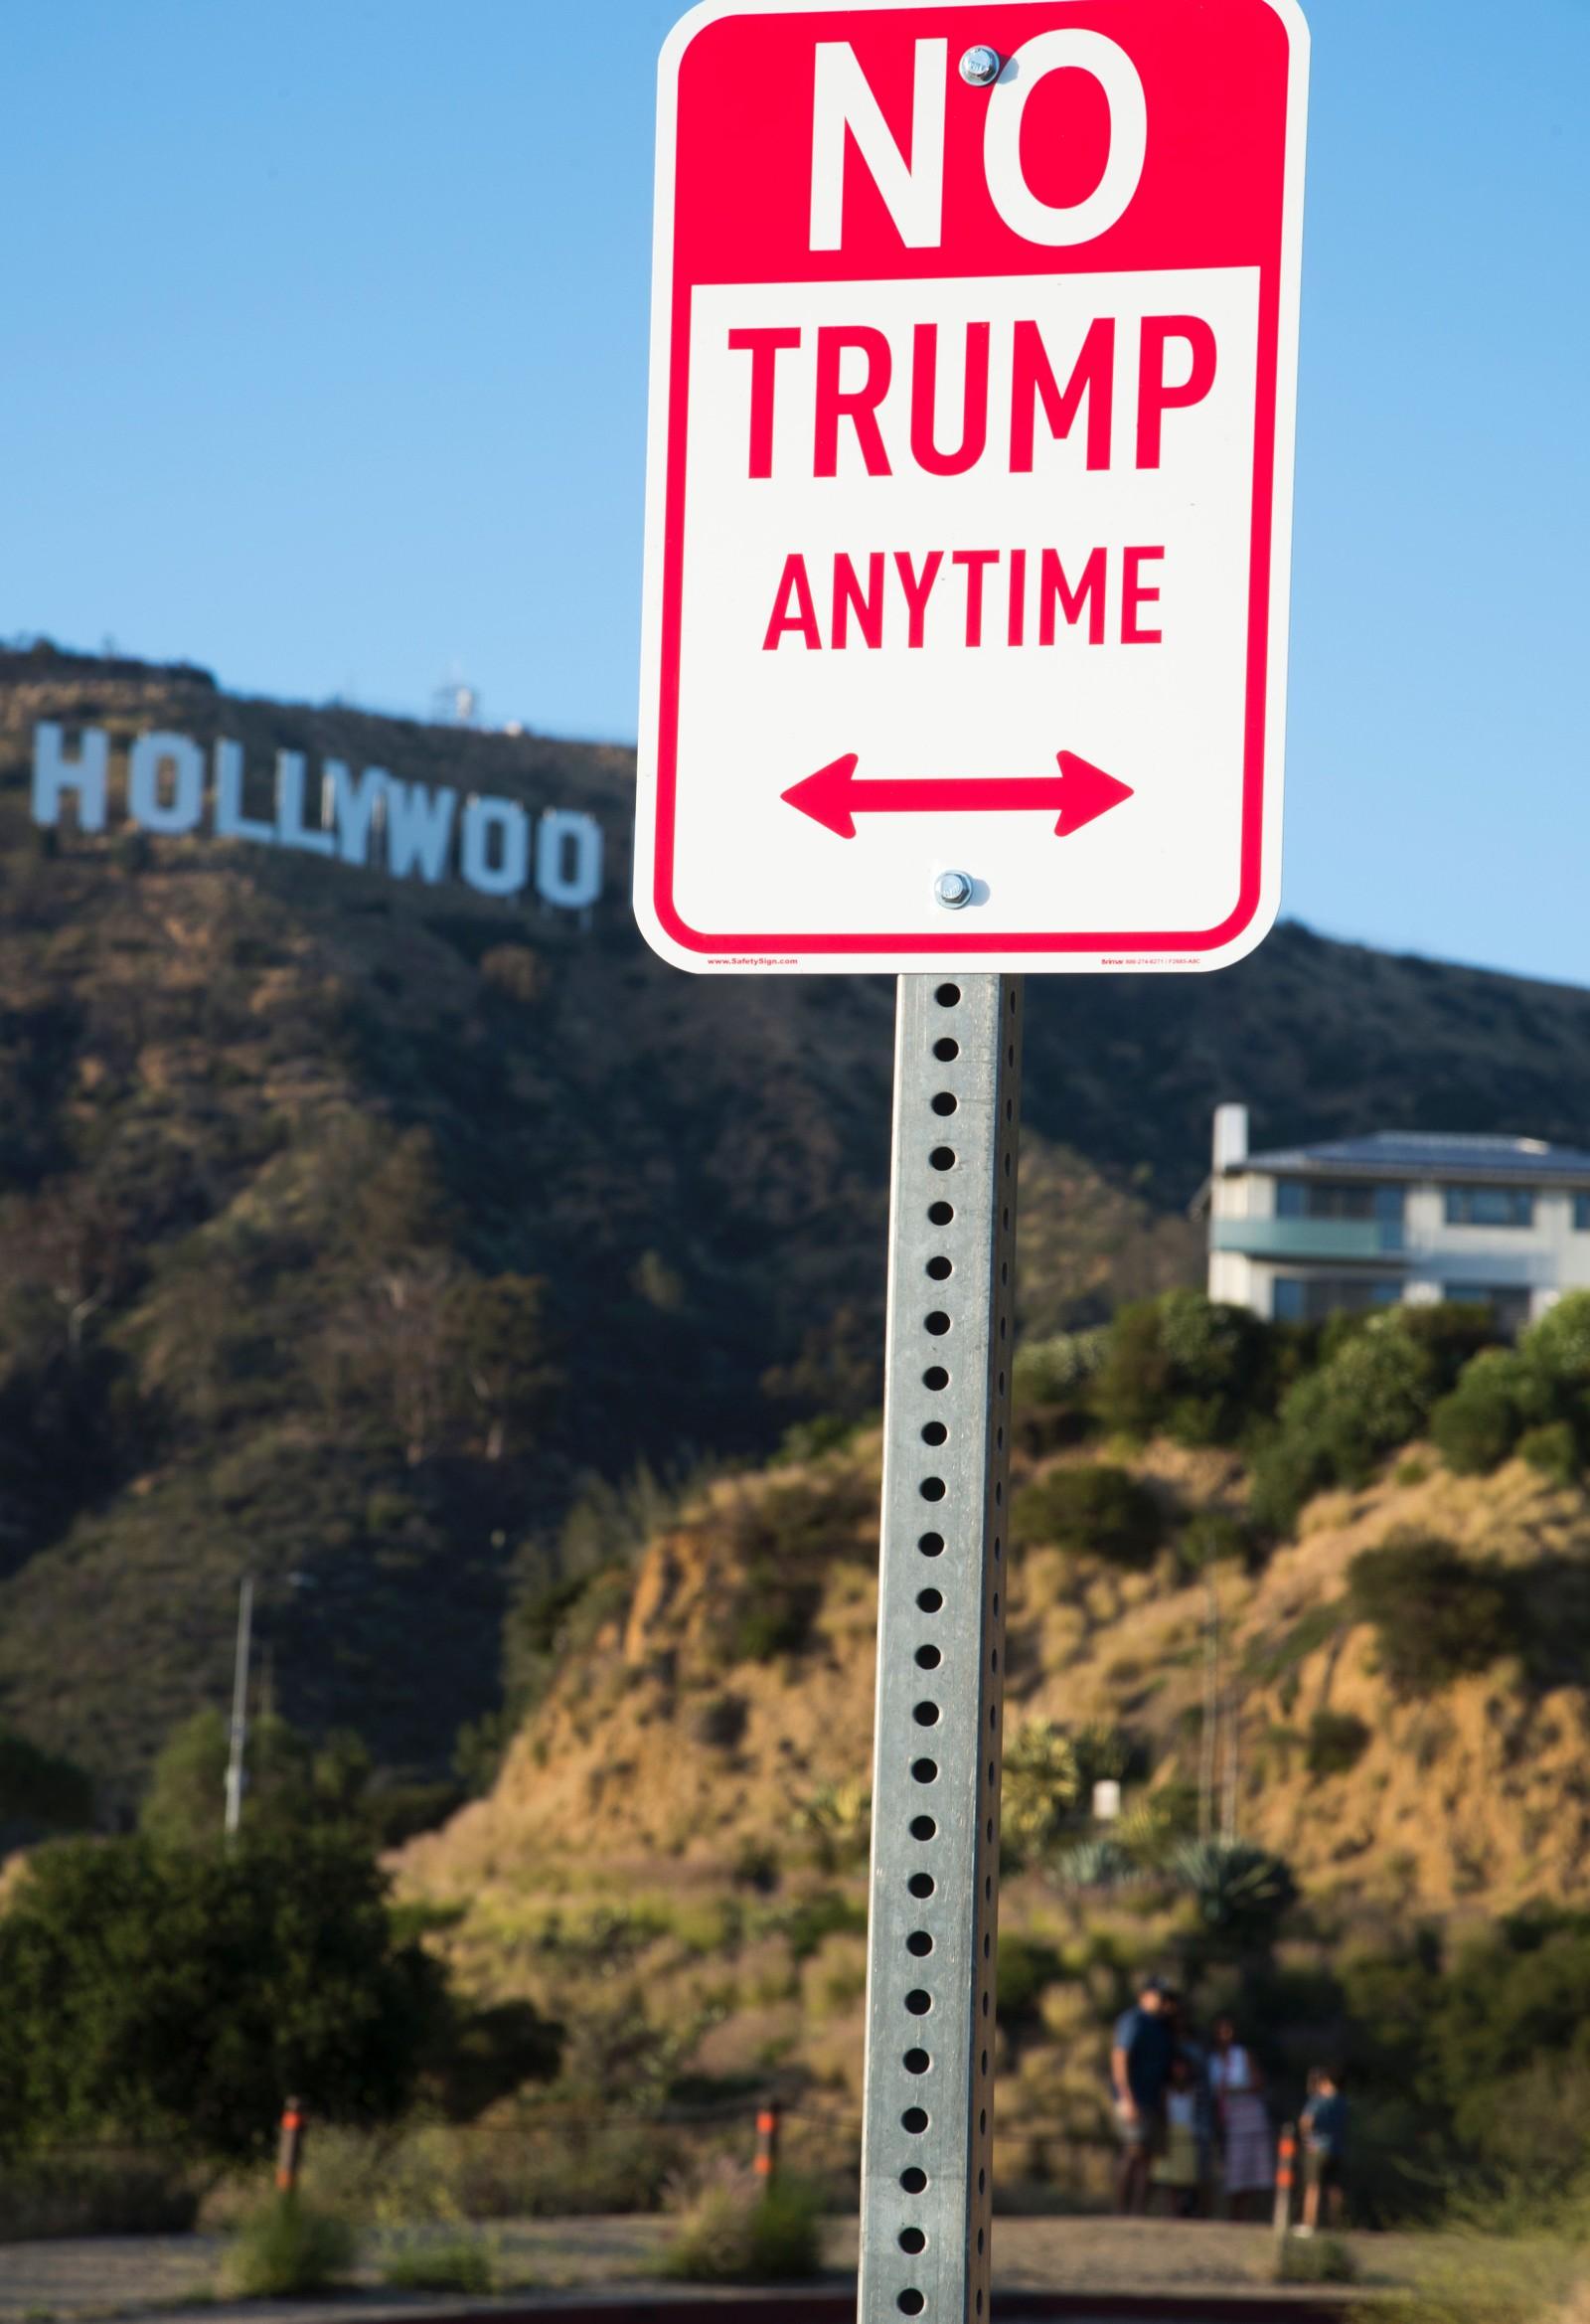 Kunstneren som kaller seg Plastic Jesus står bak dette anti-Donald Trump-skiltet som ble satt opp flere steder i Los Angeles og andre amerikanske byer denne uka. Kunstnerens verker spiller på veiskiltet der det vanligvis står «No parking anytime».